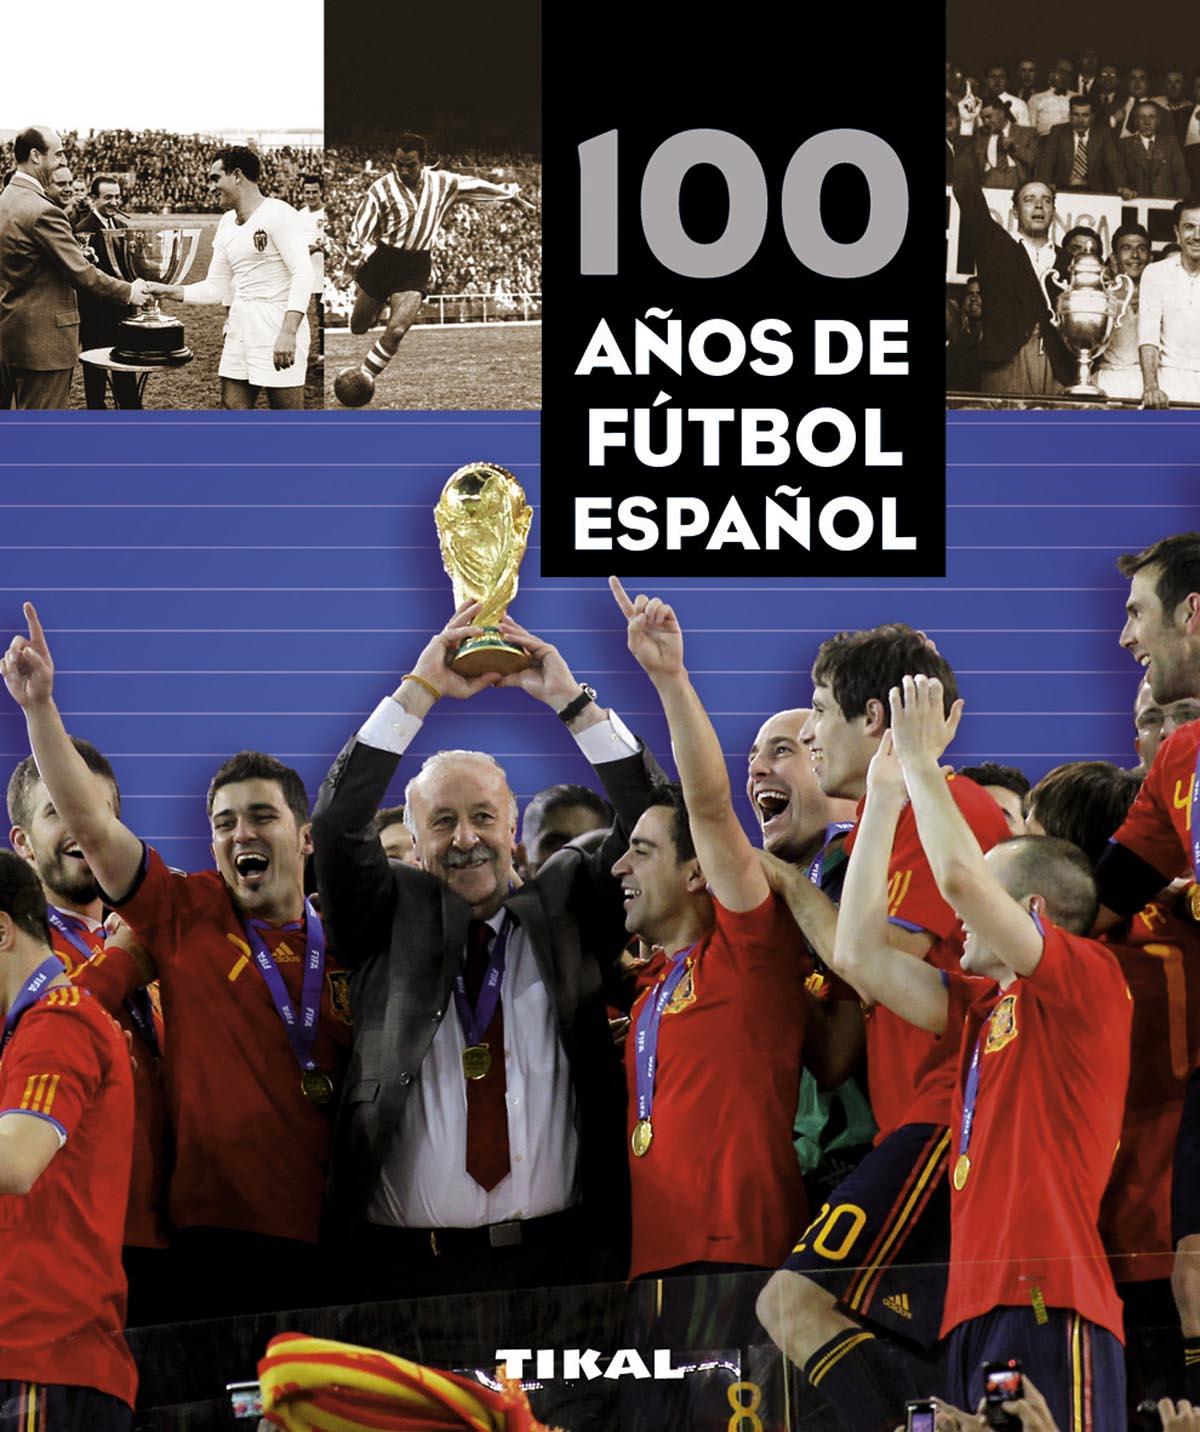 100 Años De Futbol Español por Vv.aa.